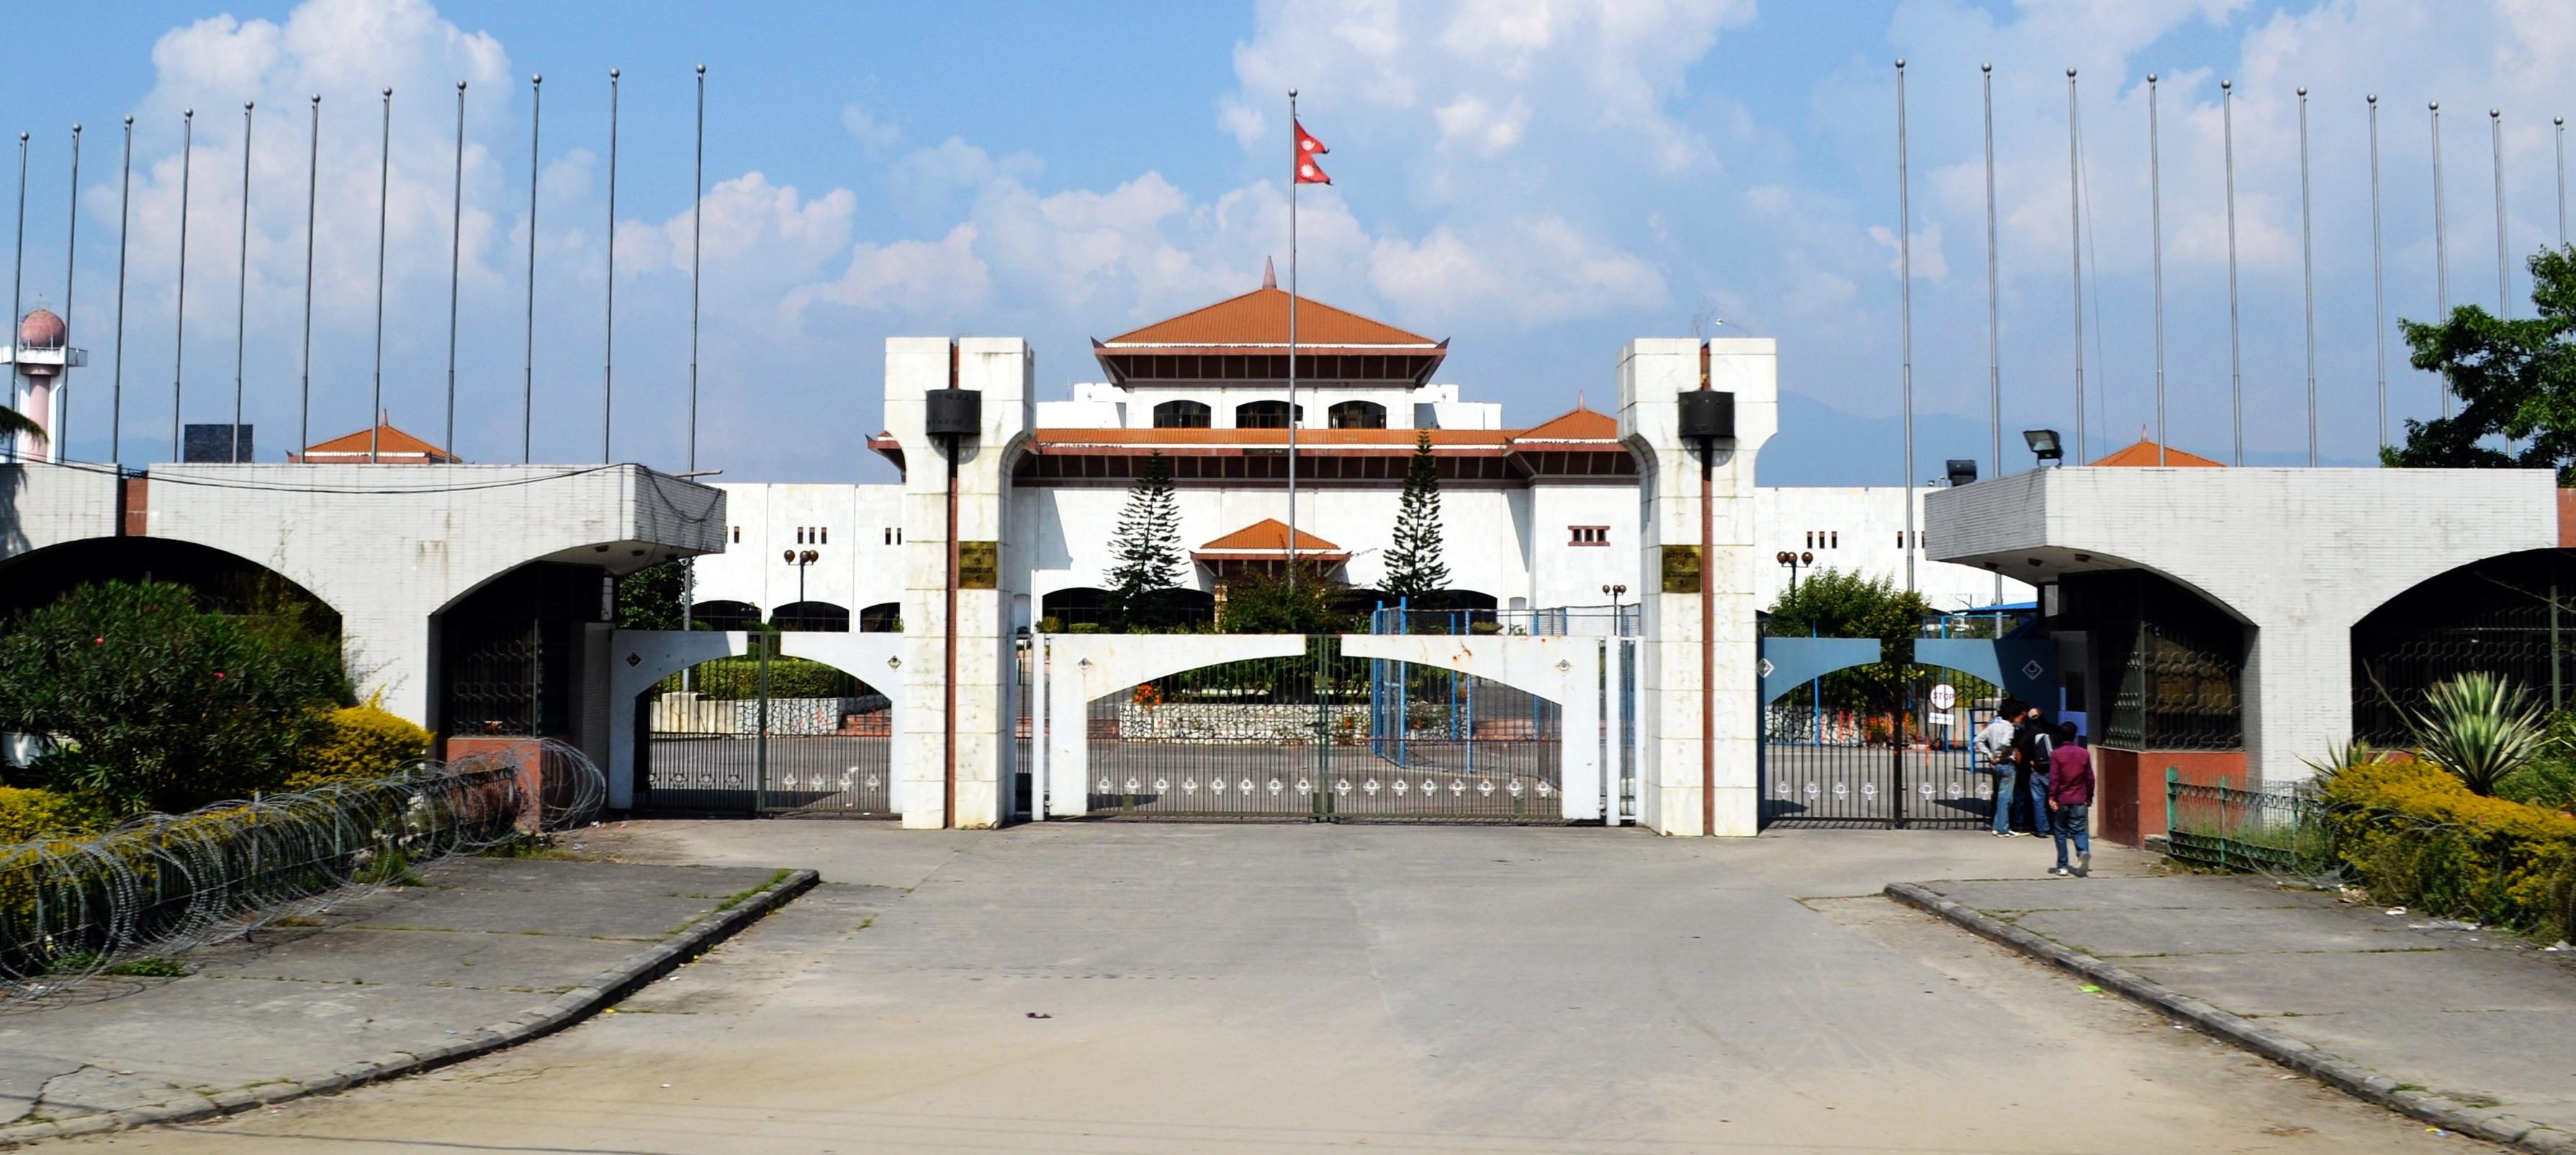 parliament of nepalको लागि तस्बिर परिणाम